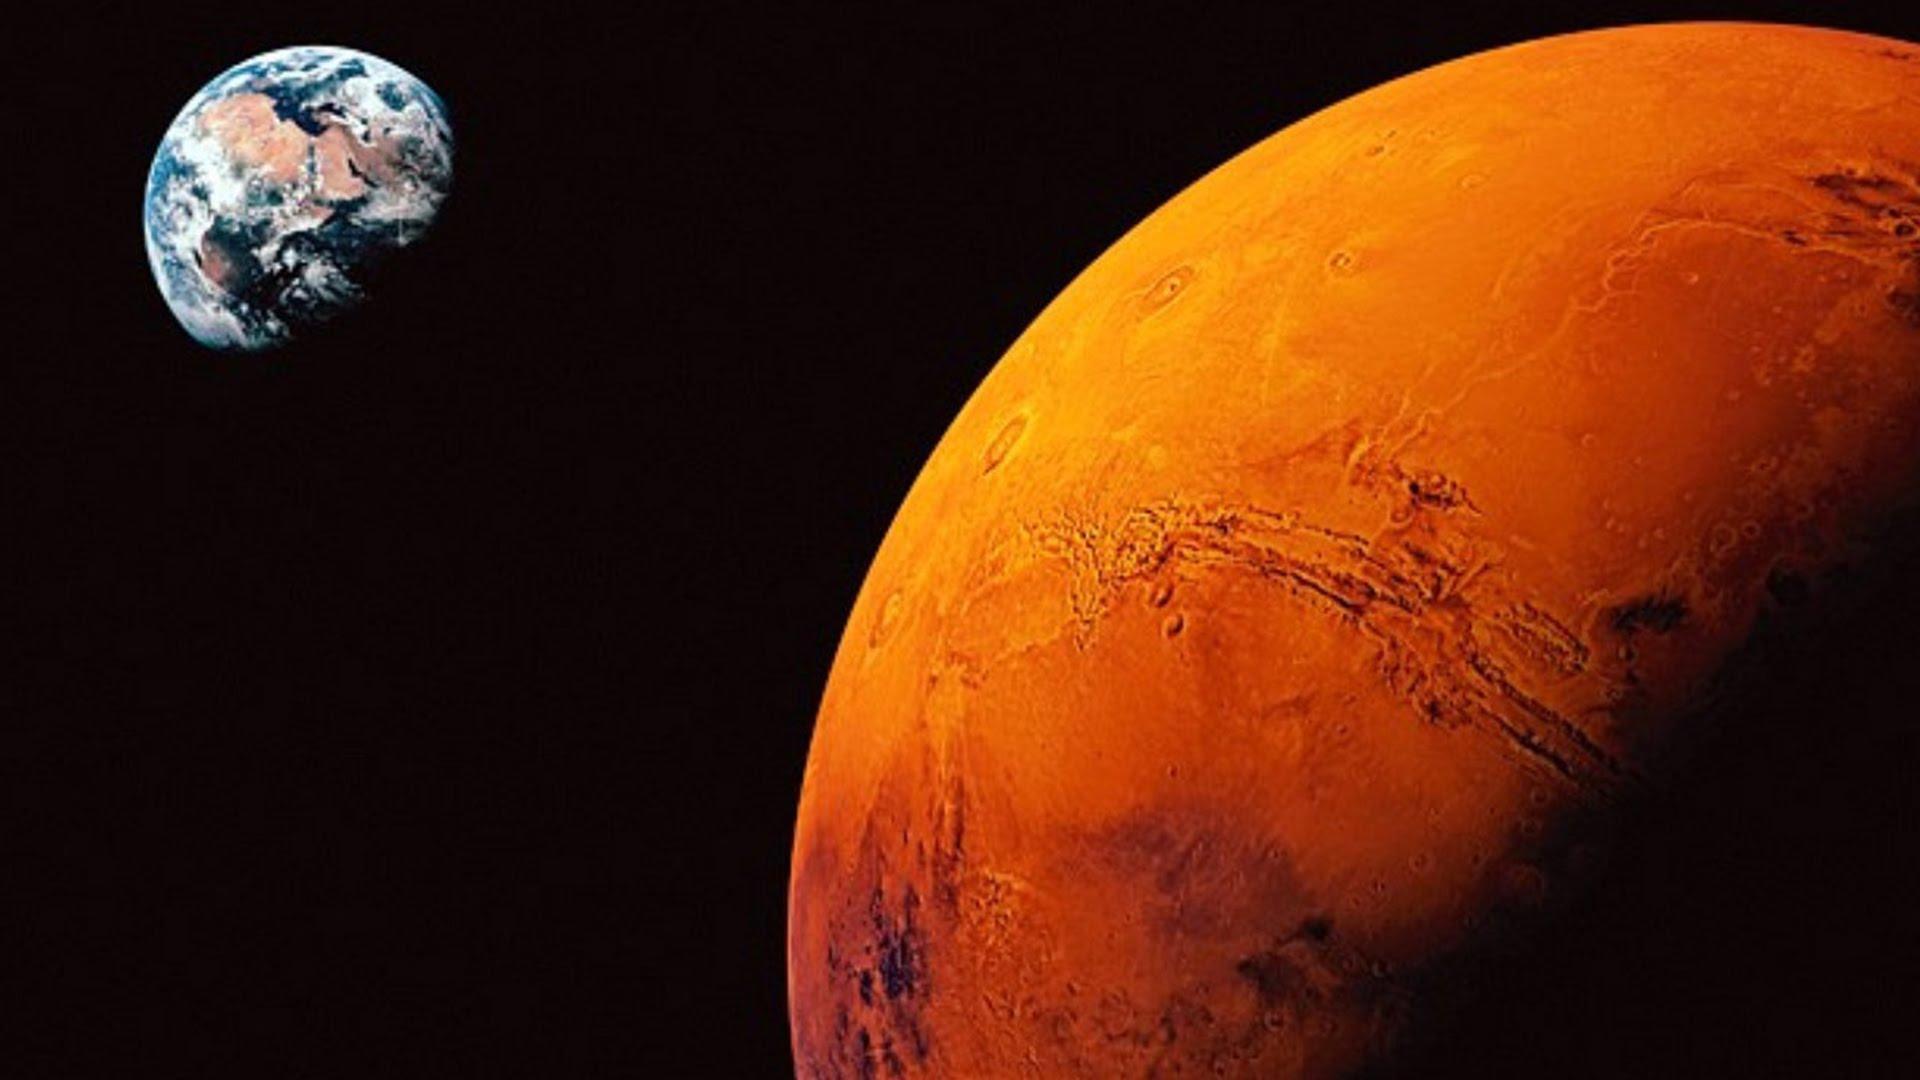 Зонд Mars Orbiter сделал фотографии, доказывающие существование жизни наМарсе